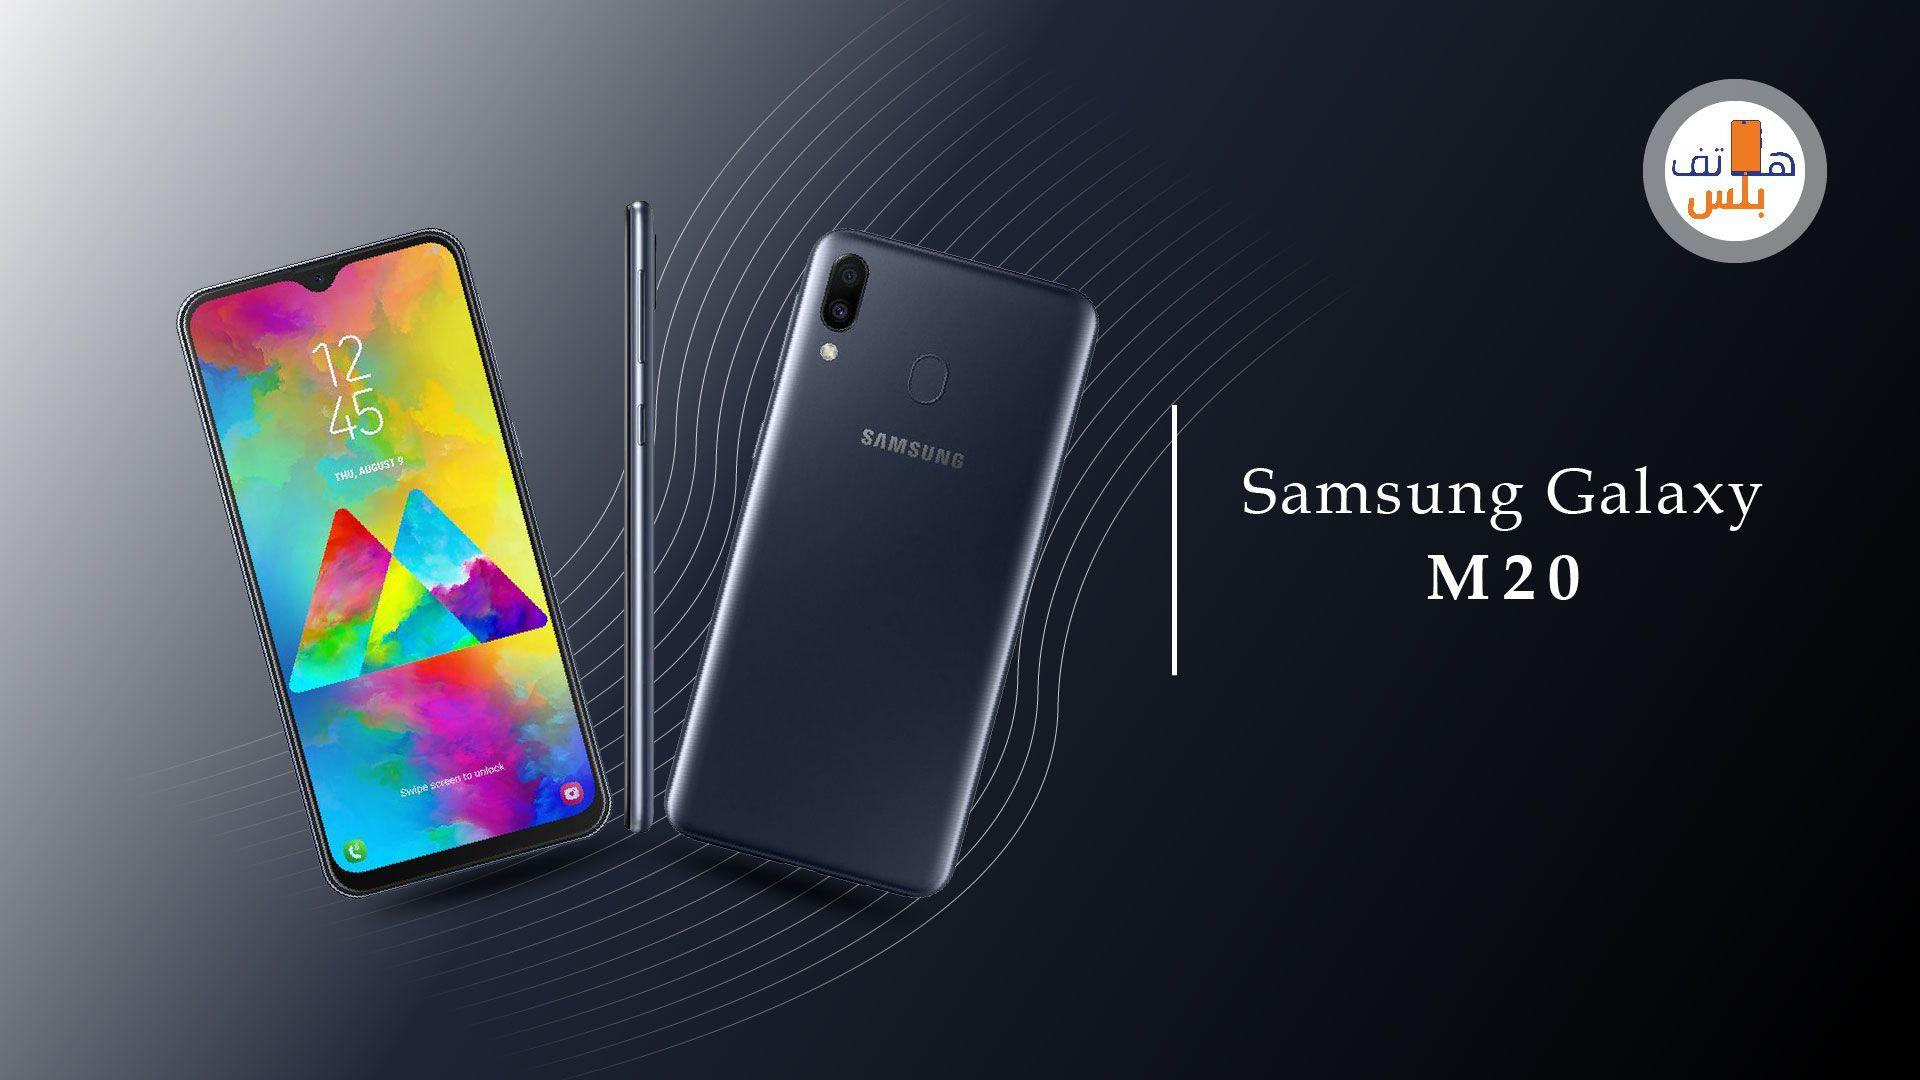 رسميا إطلاق هاتف Samsung Galaxy M20 في مصر بعد سبعة أشهر من الإعلان عنه هاتف بلس Galaxy Samsung Samsung Galaxy